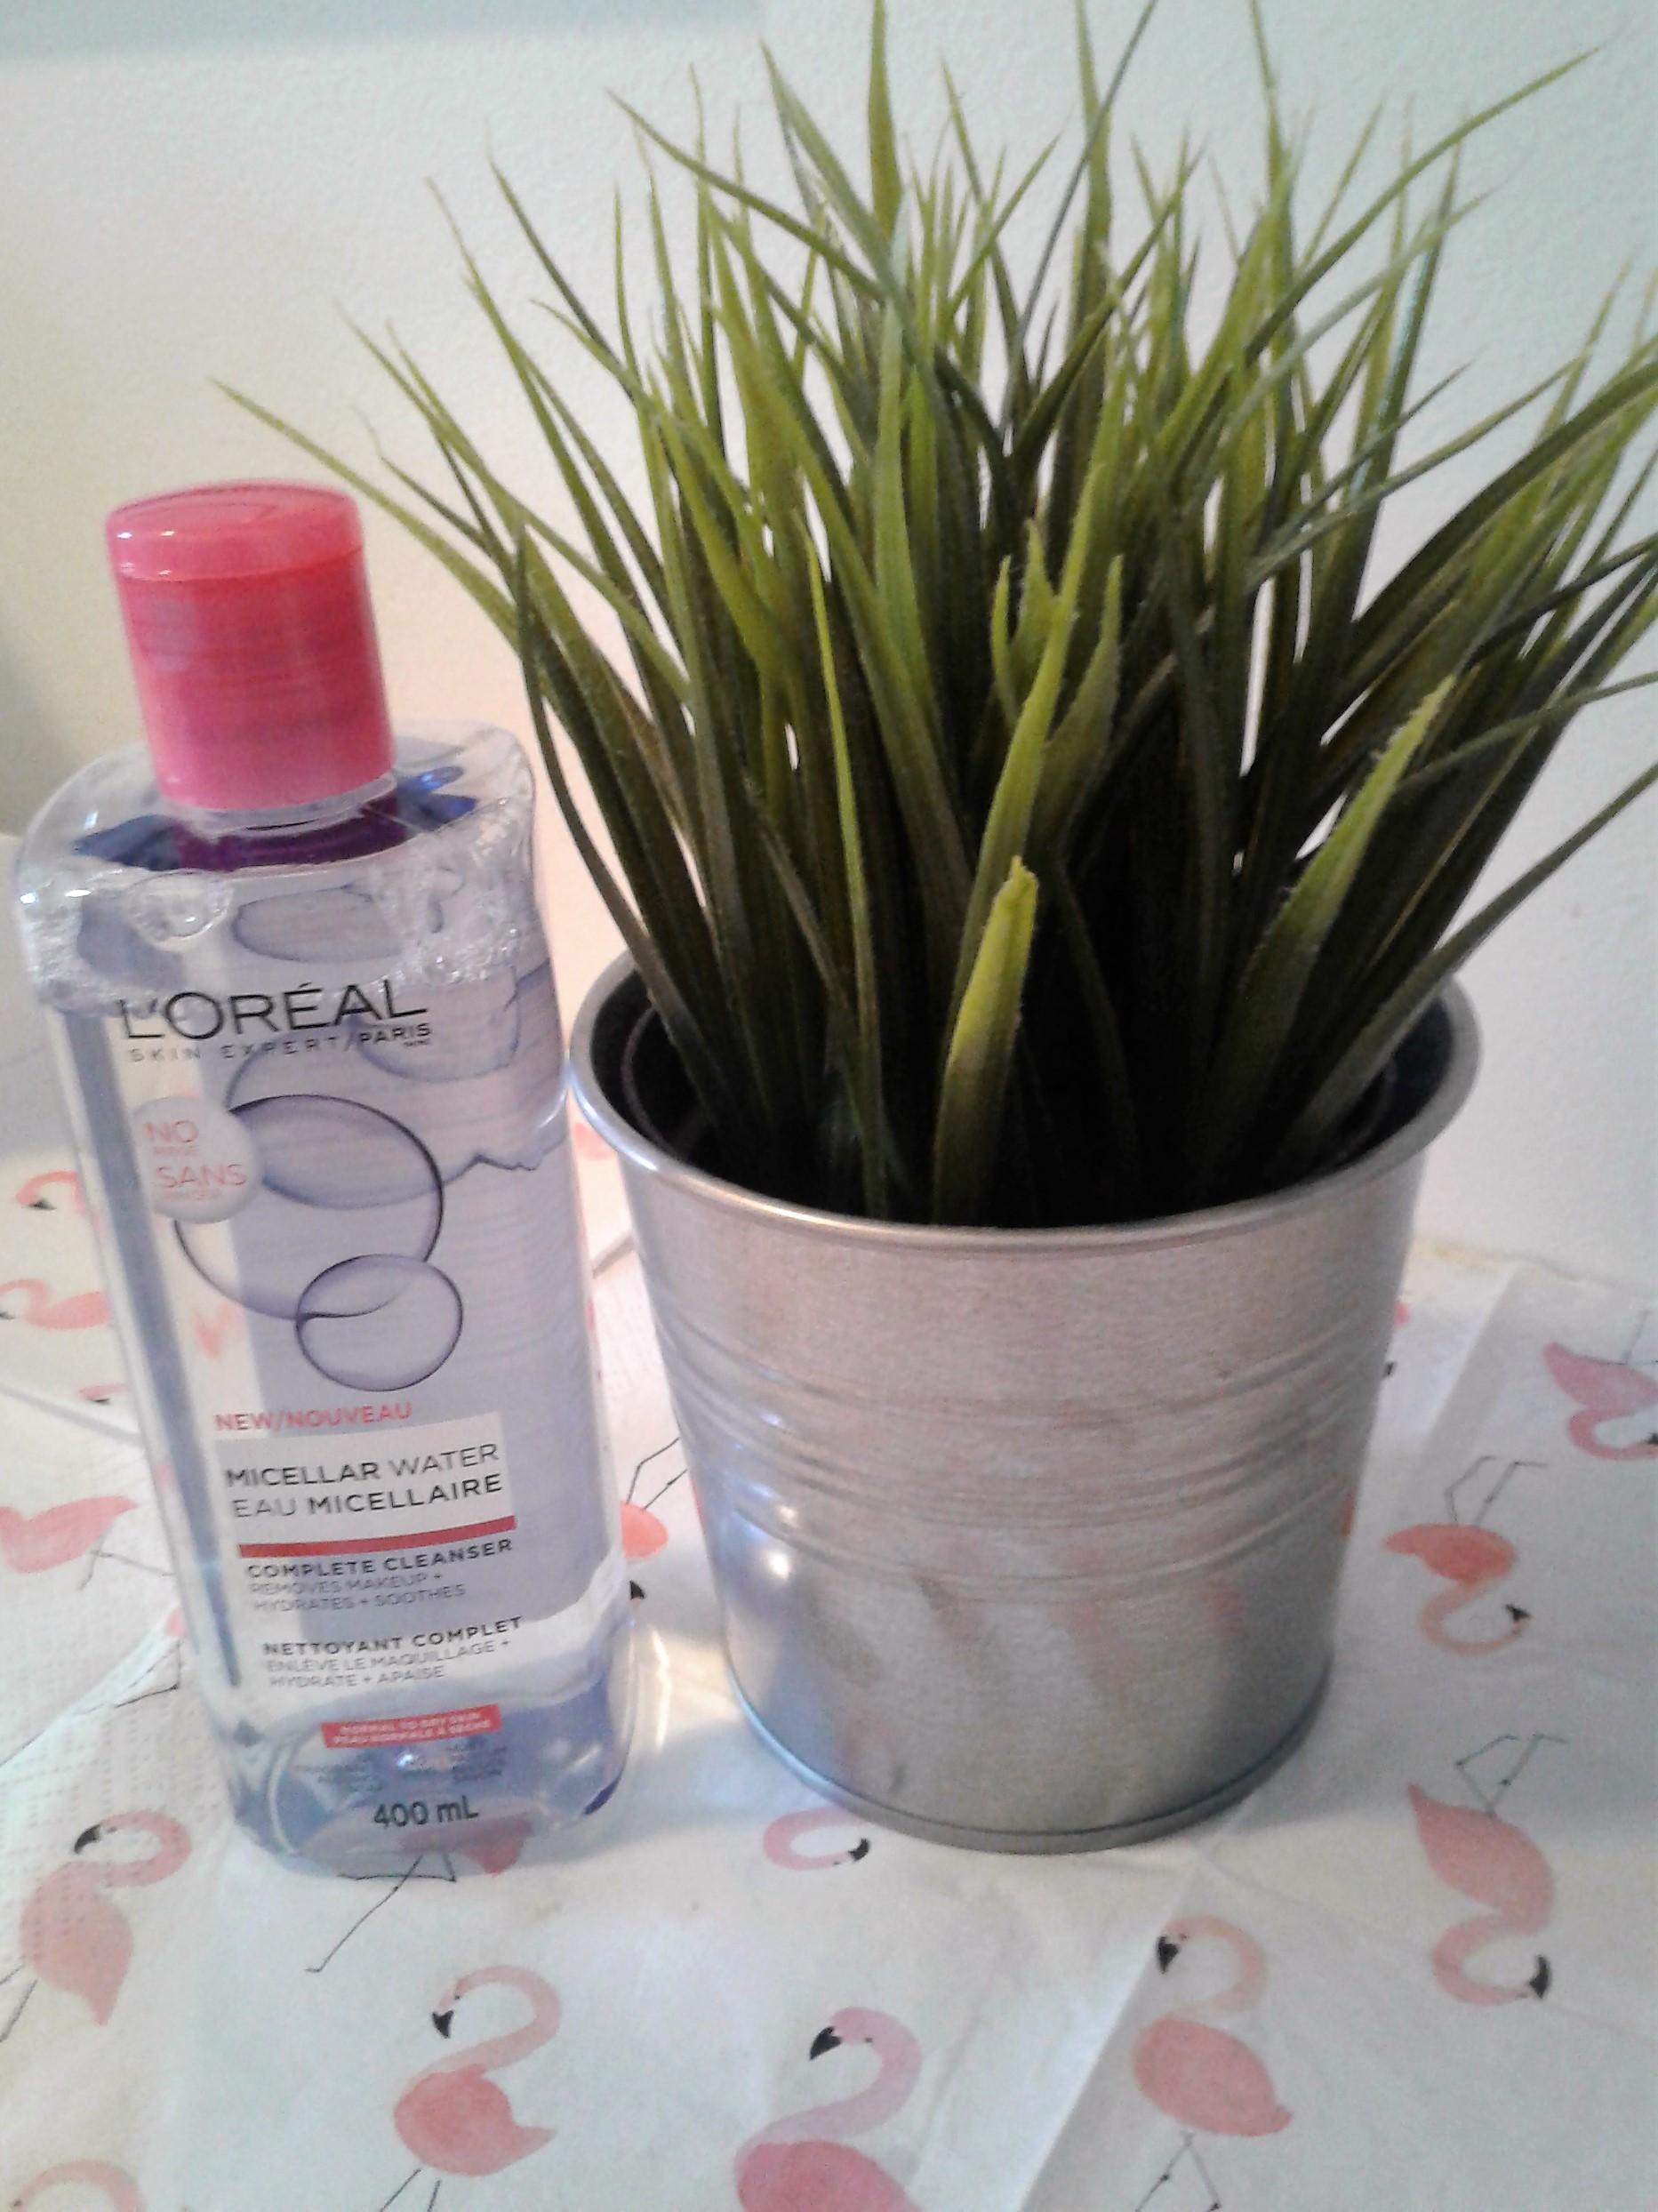 Eau micellaire de l'Oréal : Nettoyant complet- enlève le maquillage, hydrate et apaise- sans huile, sans parfum, sans alcool et sans savon.   Prix; environ 11.99$ pour 400 ml